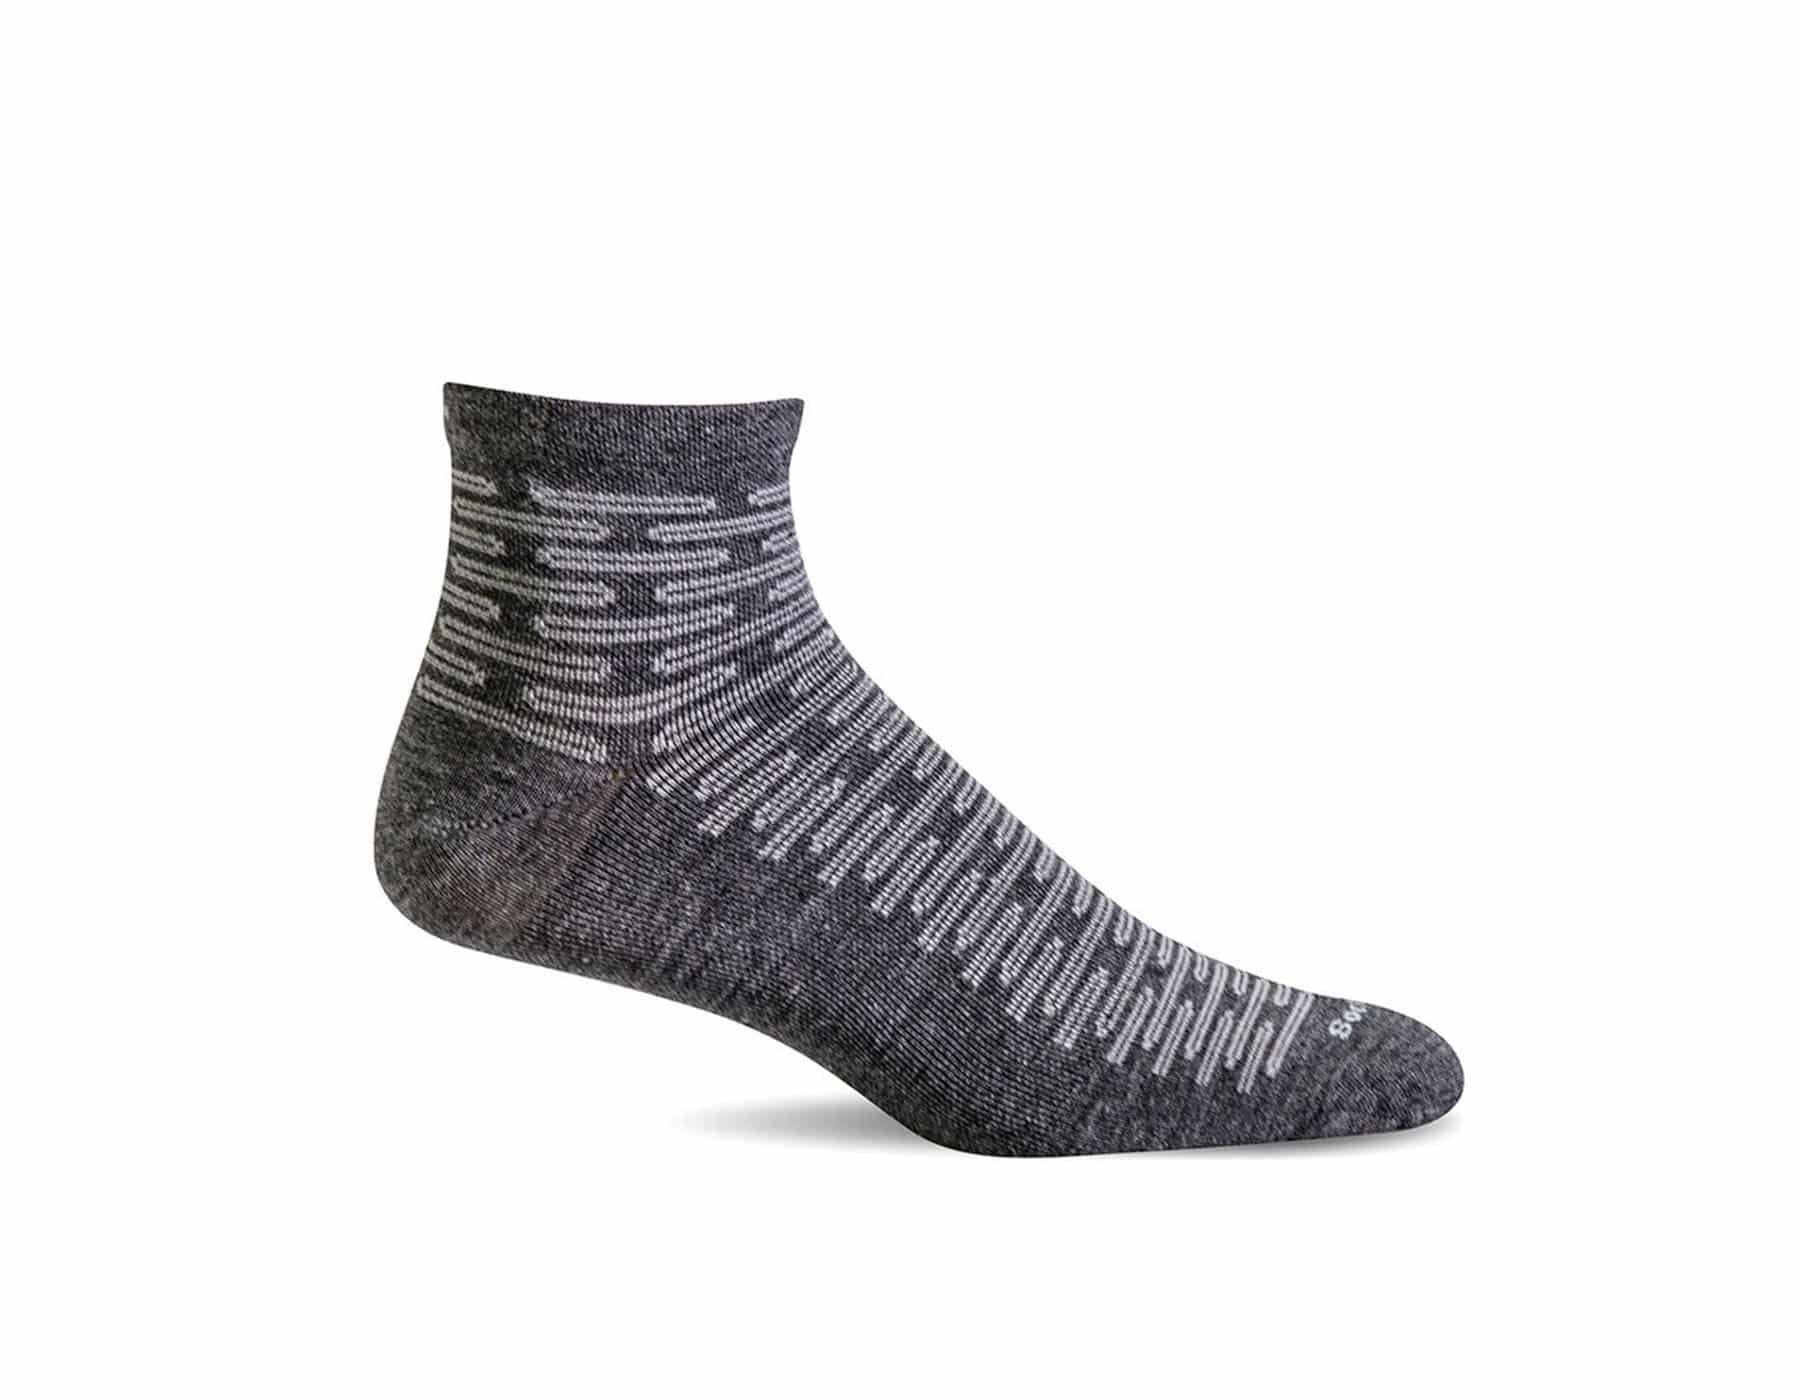 Sockwell Komressionssocken Plantar Ease Herren - Fersensporn Socken